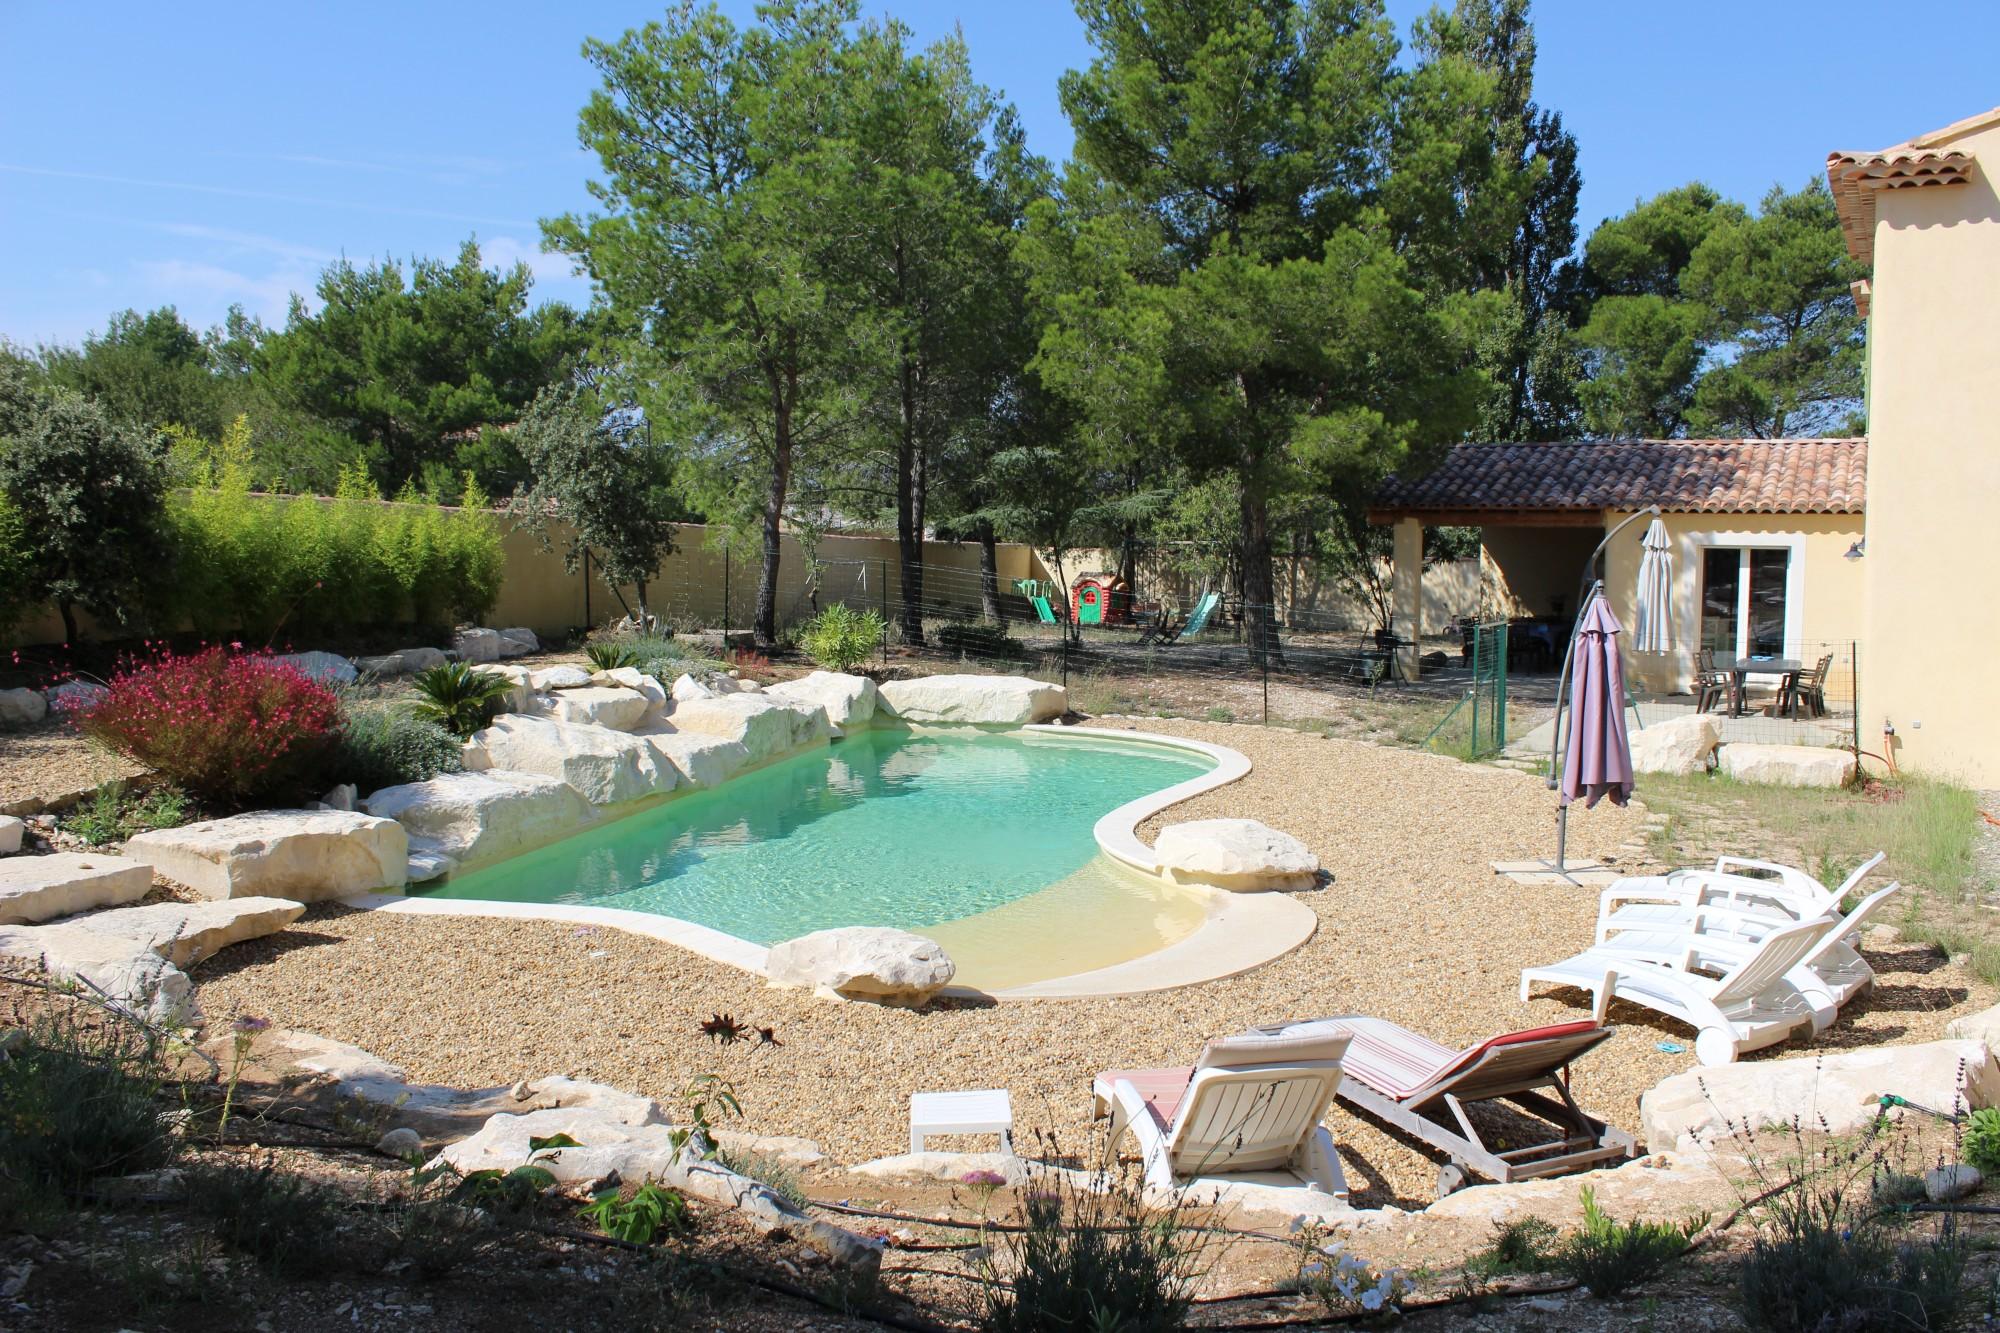 Ventes au coeur du luberon belle villa avec piscine for Vente tuyau piscine